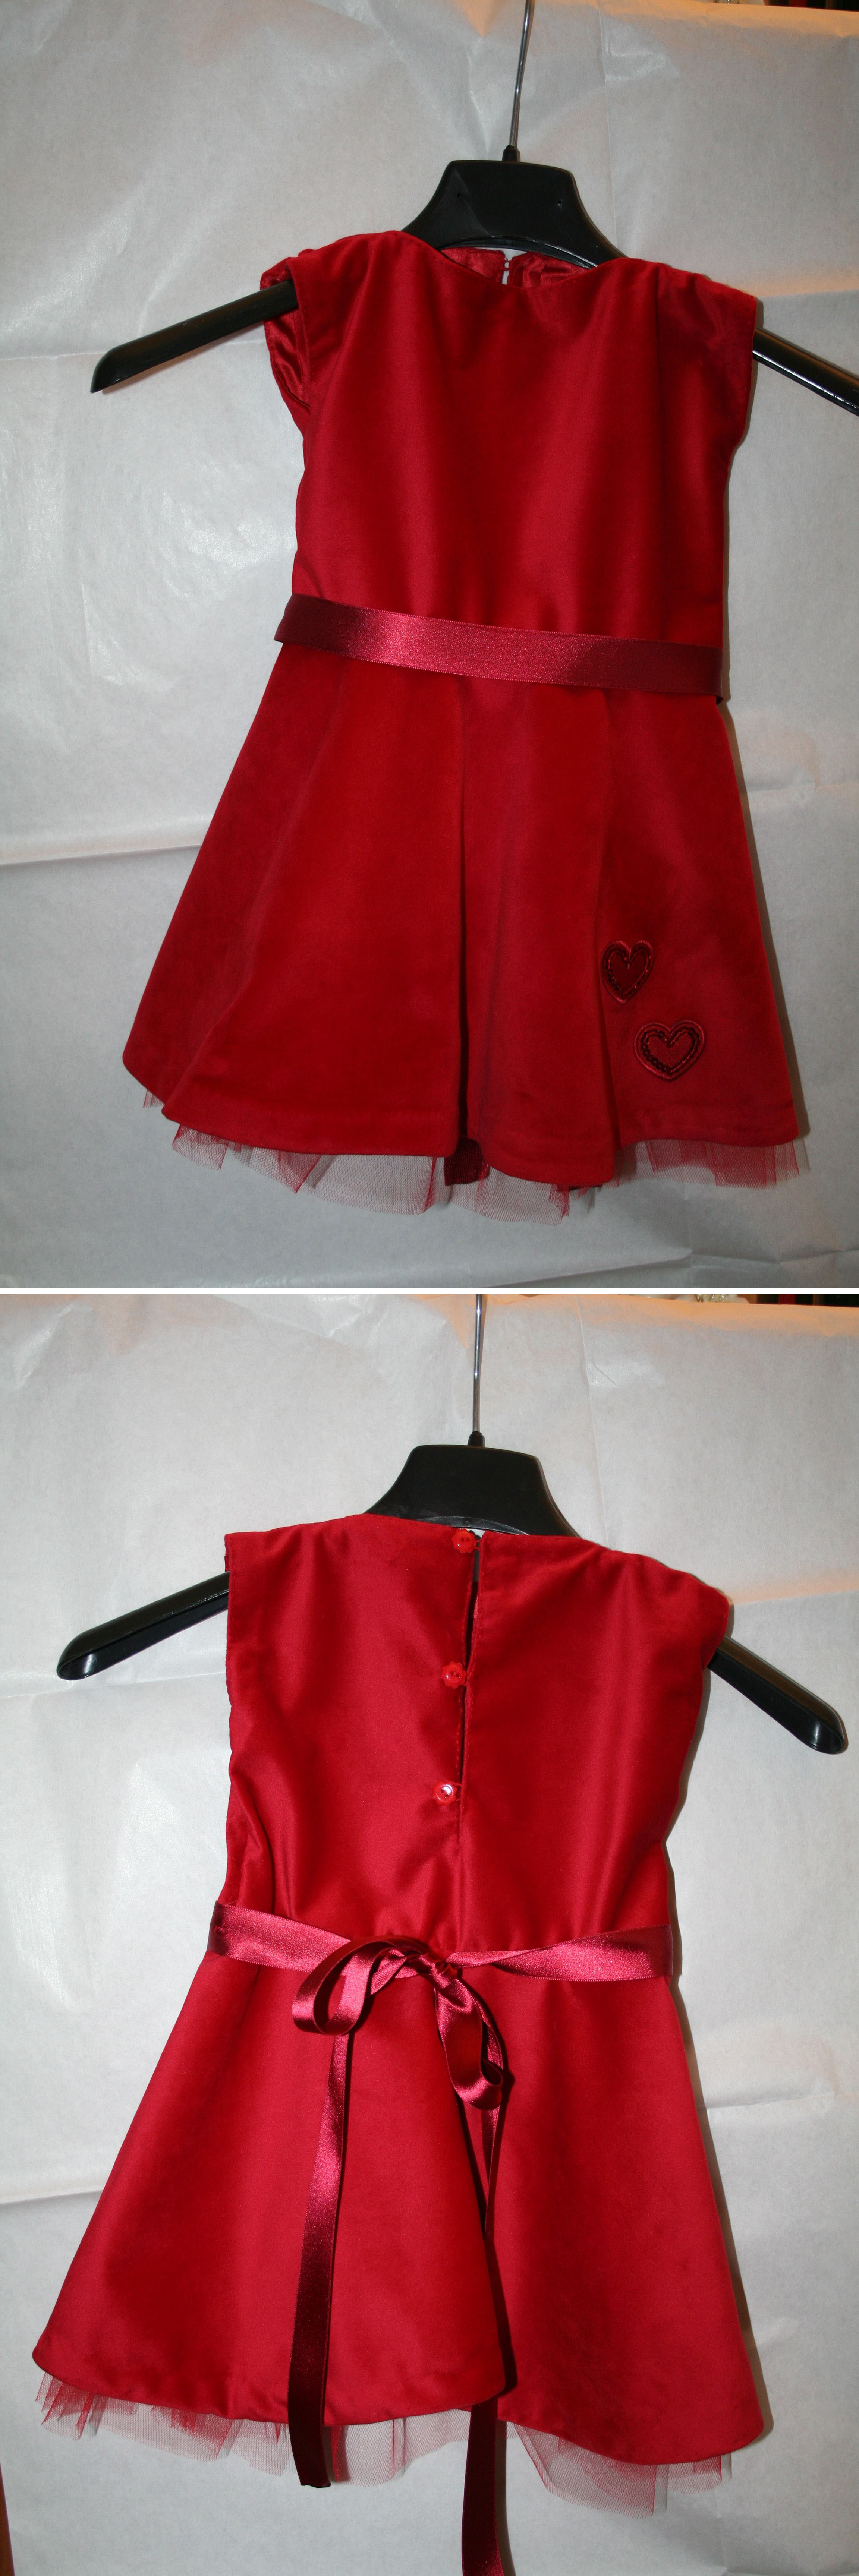 Red dress in velvet for kid, completely handmade